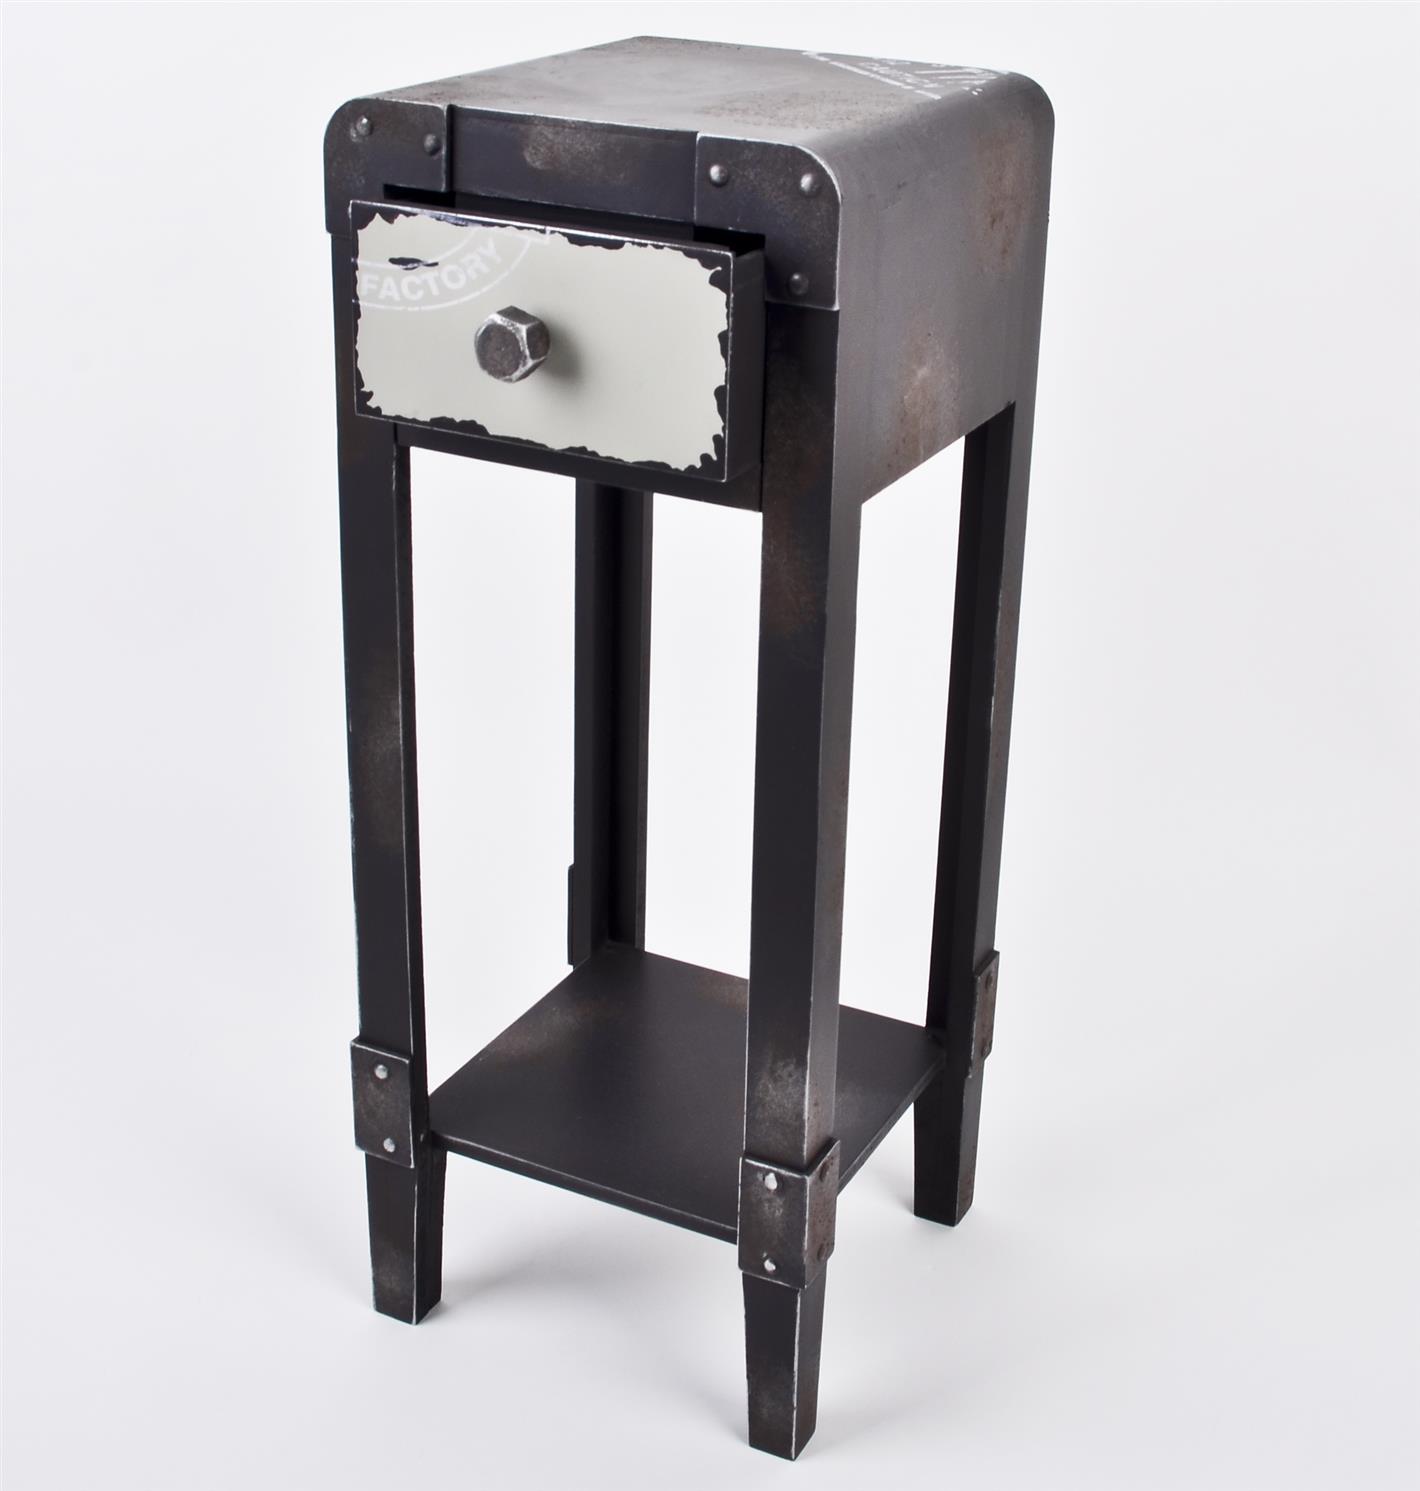 beistelltisch industrial style tisch container metall 1 schublade ebay. Black Bedroom Furniture Sets. Home Design Ideas